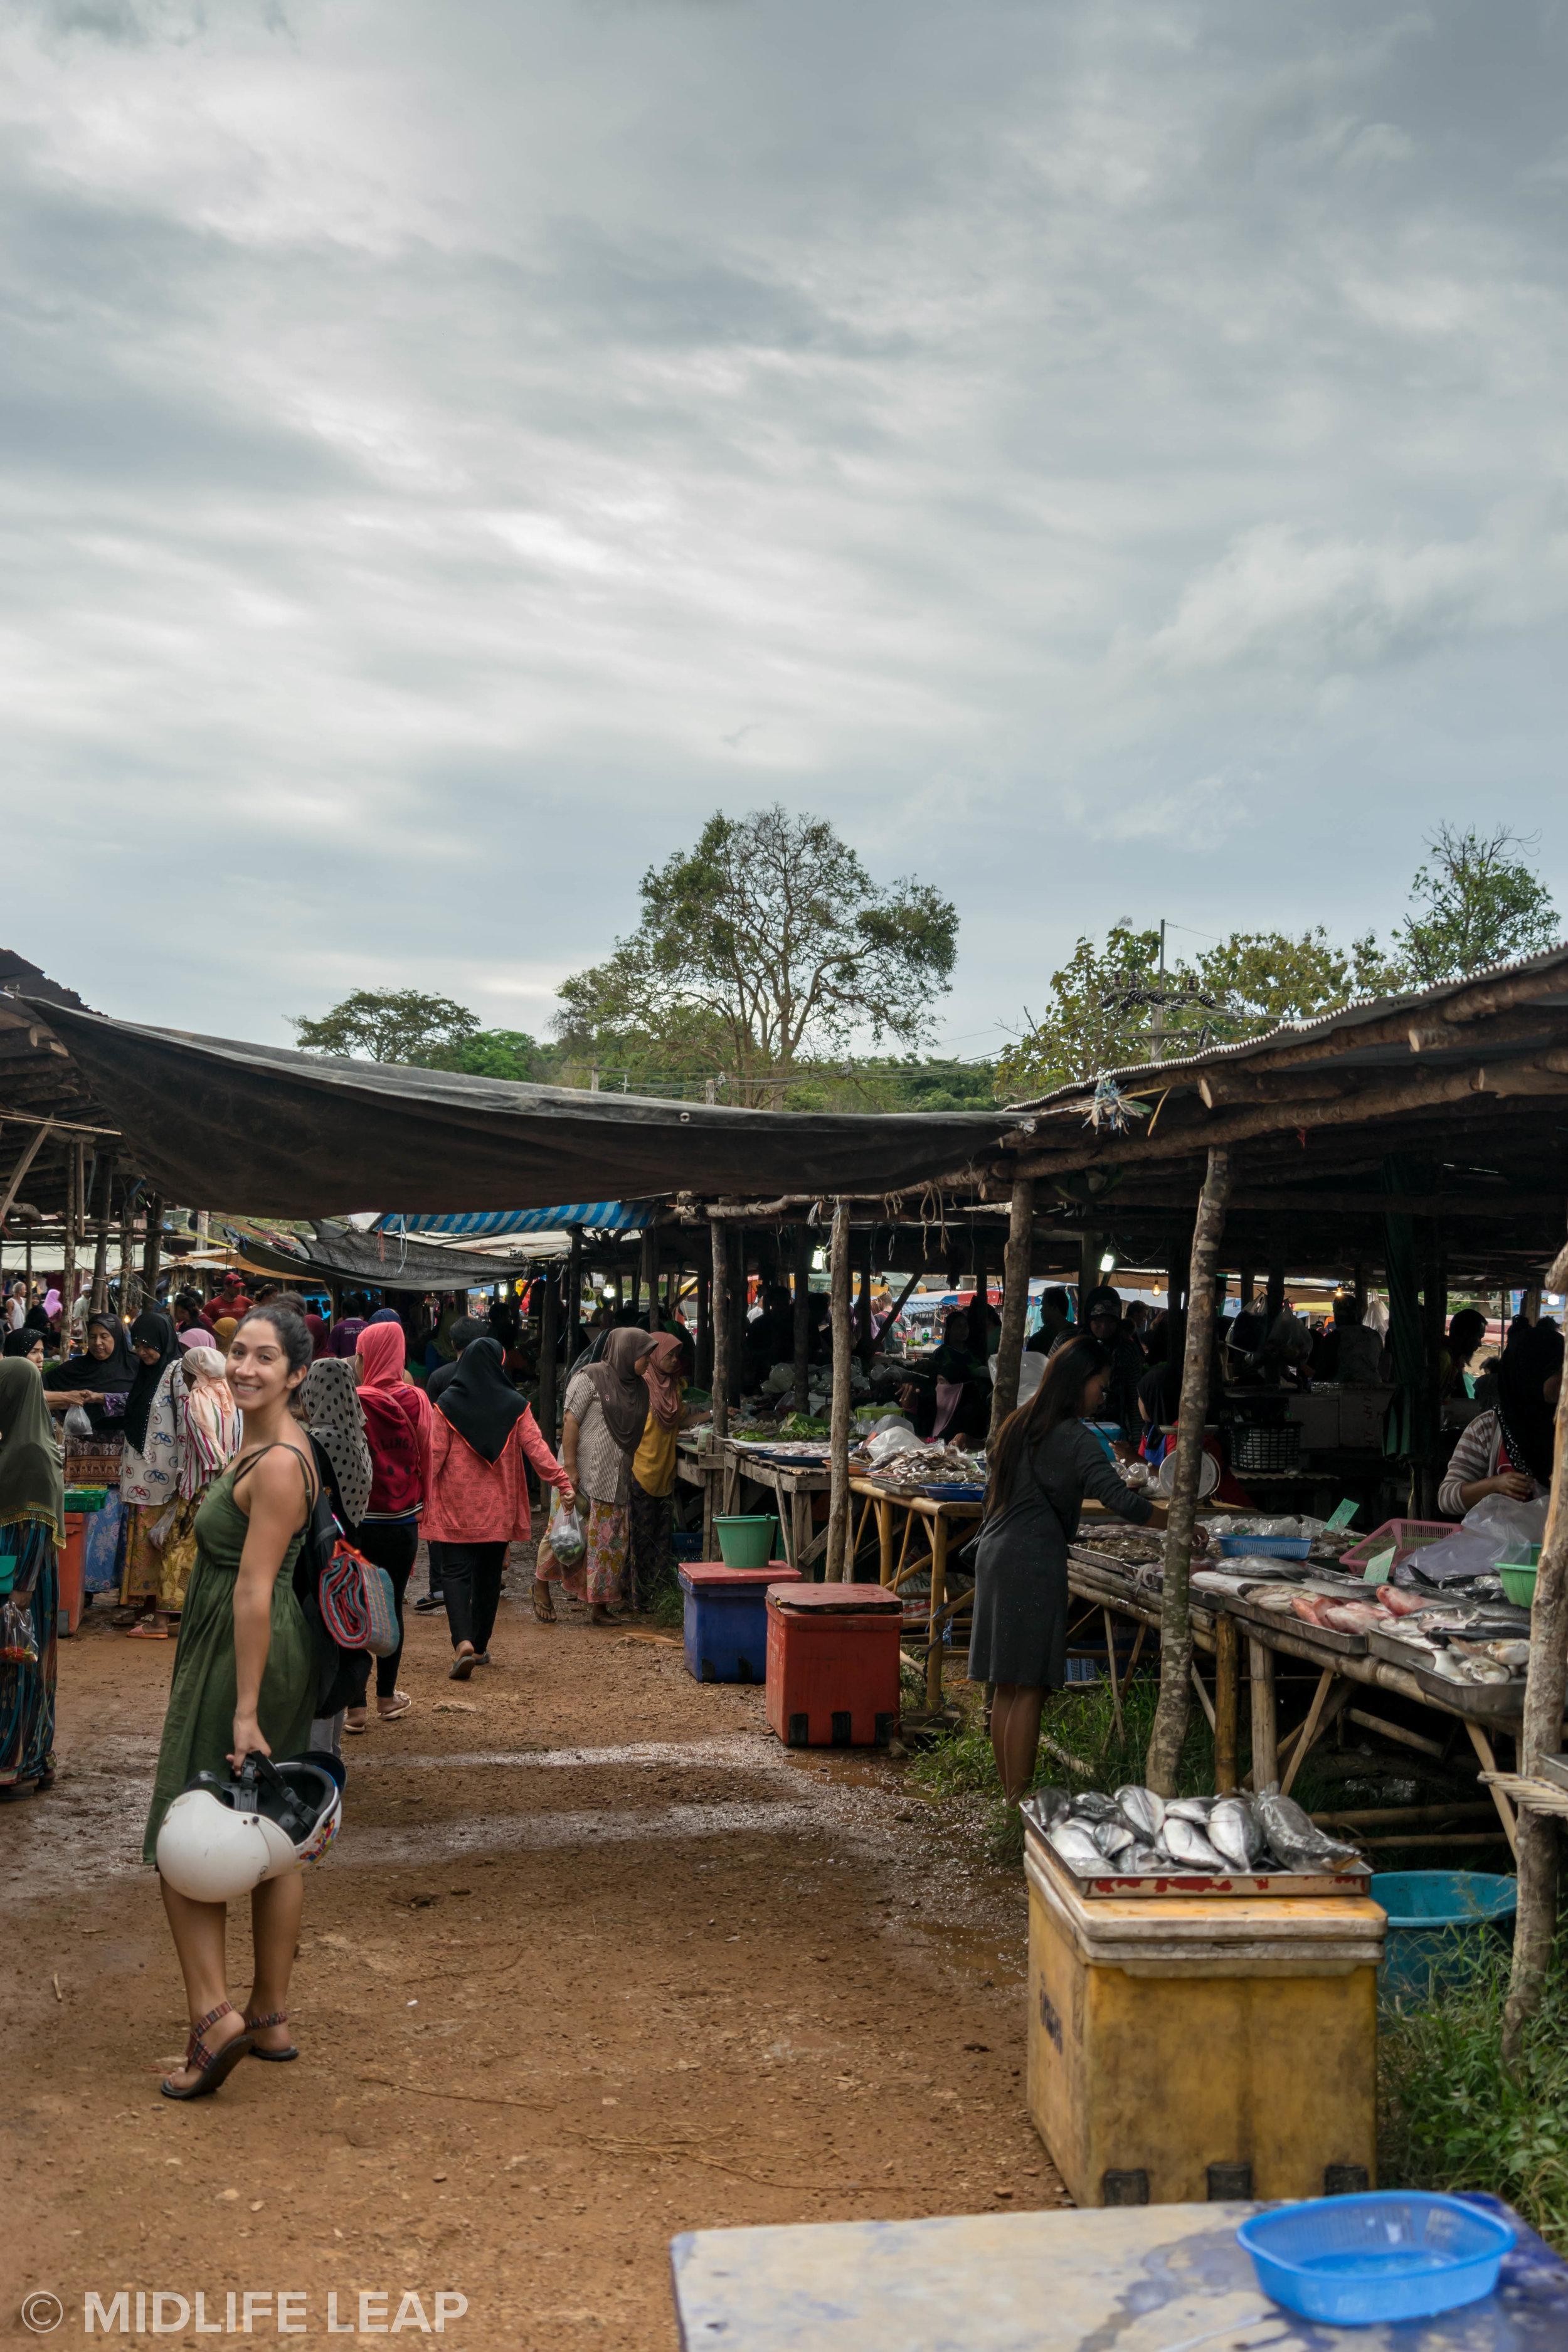 Exploring a local market